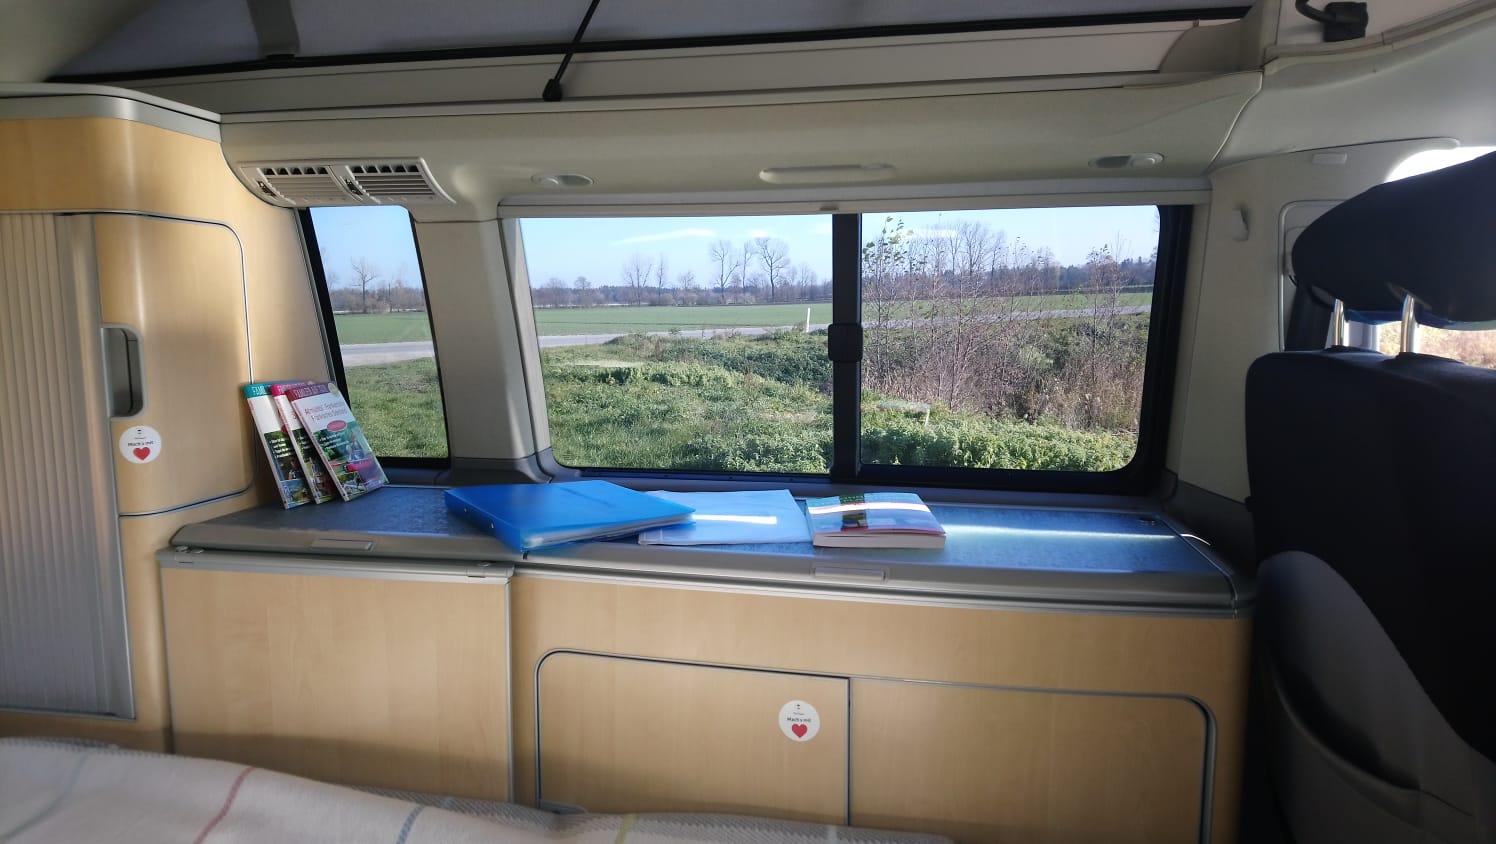 Full Size of Ausziehbett Camper Wobi Das Faircamper Portal Wohnmobil Mieten Und Vermieten Bett Mit Wohnzimmer Ausziehbett Camper